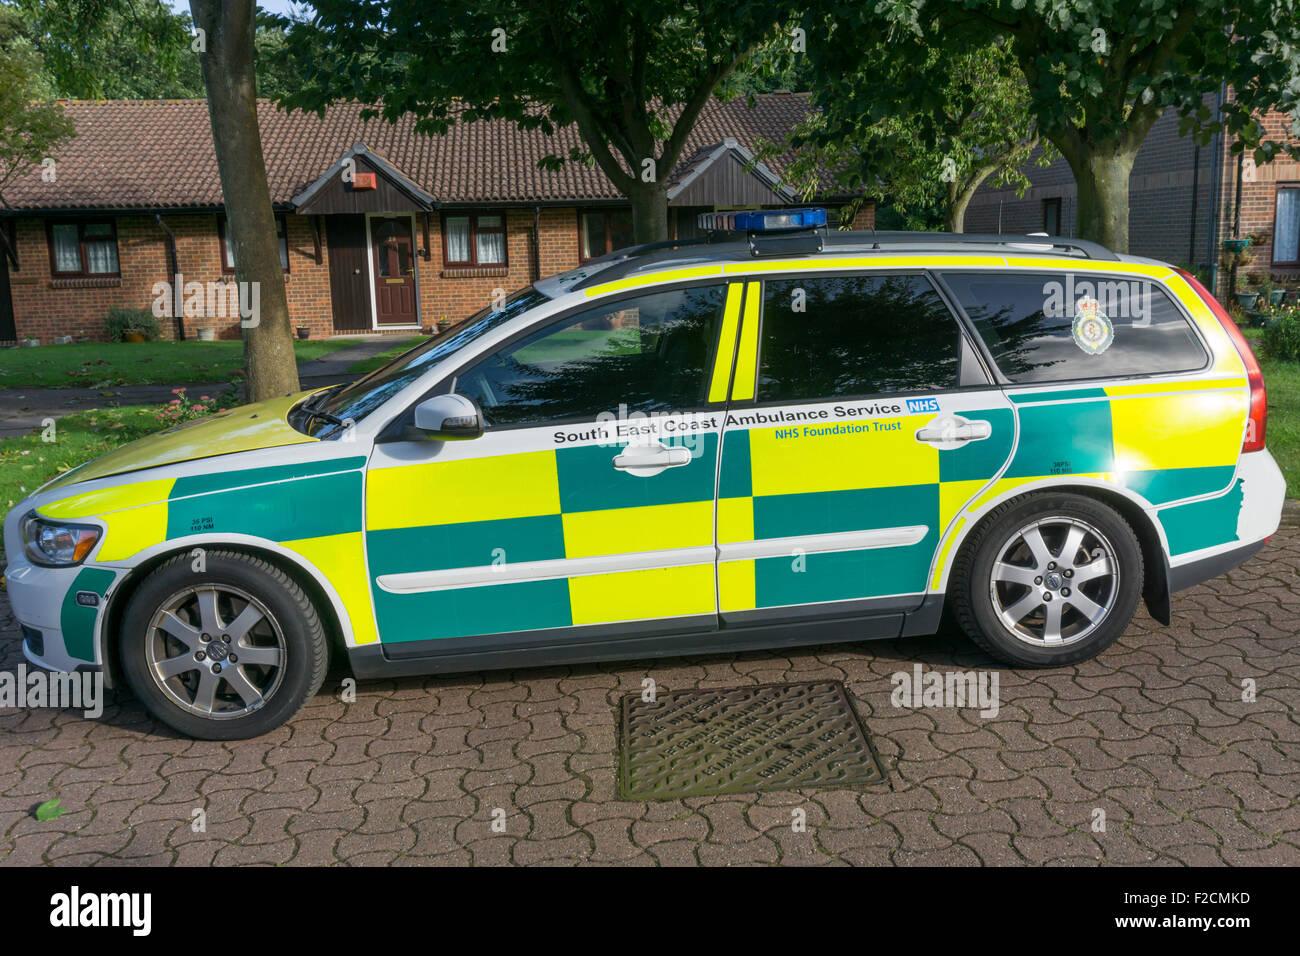 First Response Car Stock Photos & First Response Car Stock Images - Alamy